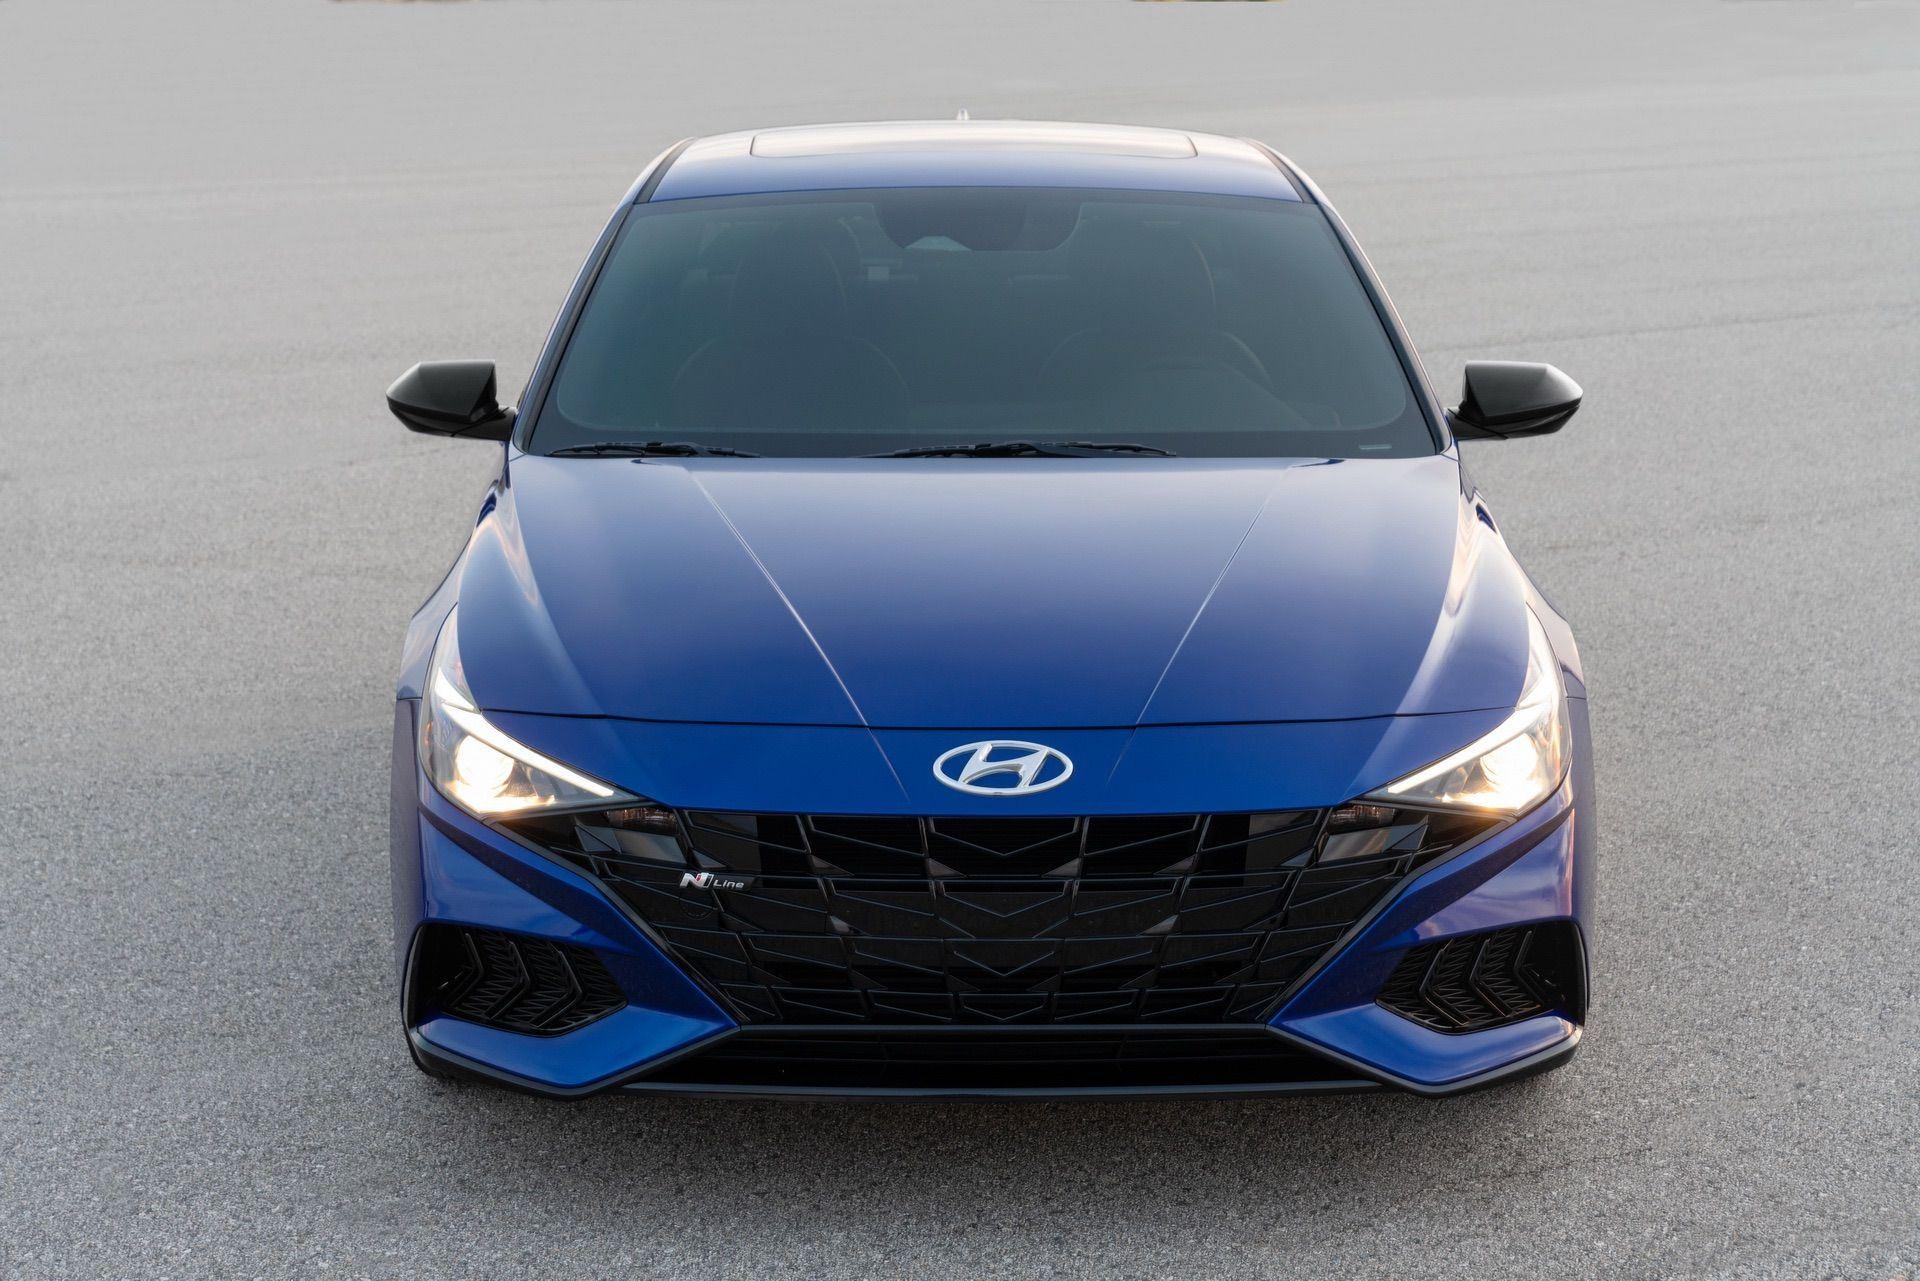 Hyundai-Elantra-N-Line-i30-Sedan-22